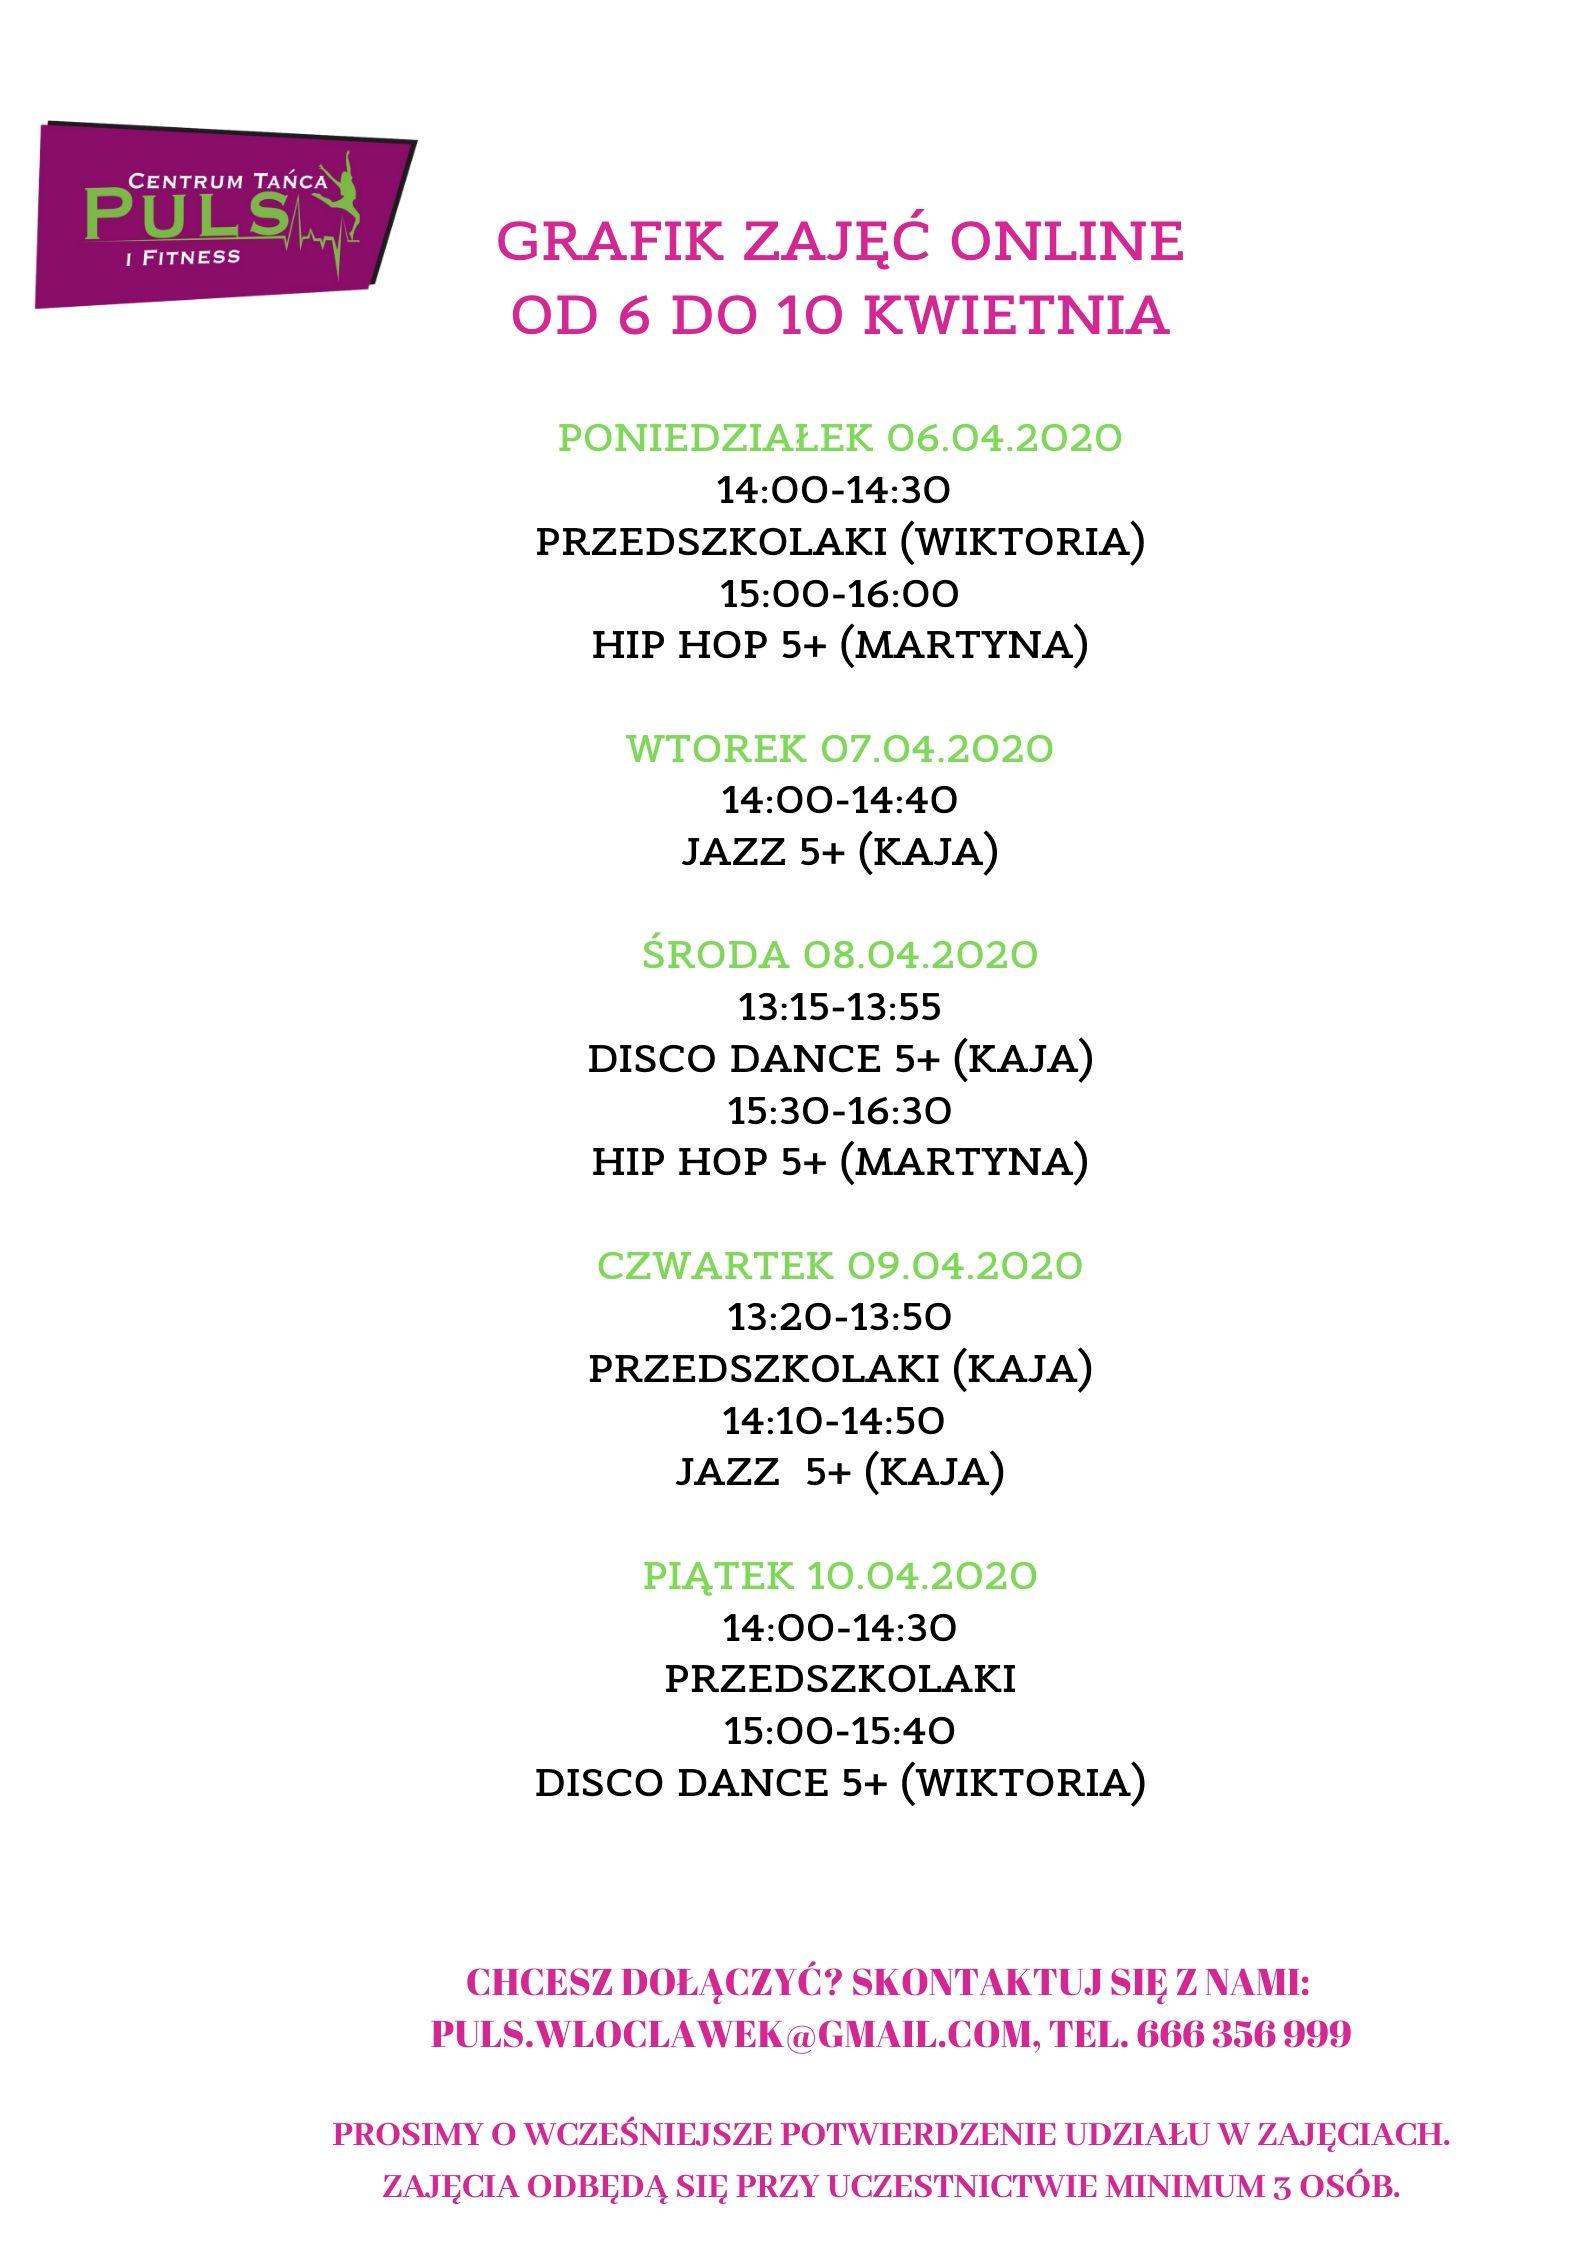 Grafik zajęć tanecznych online